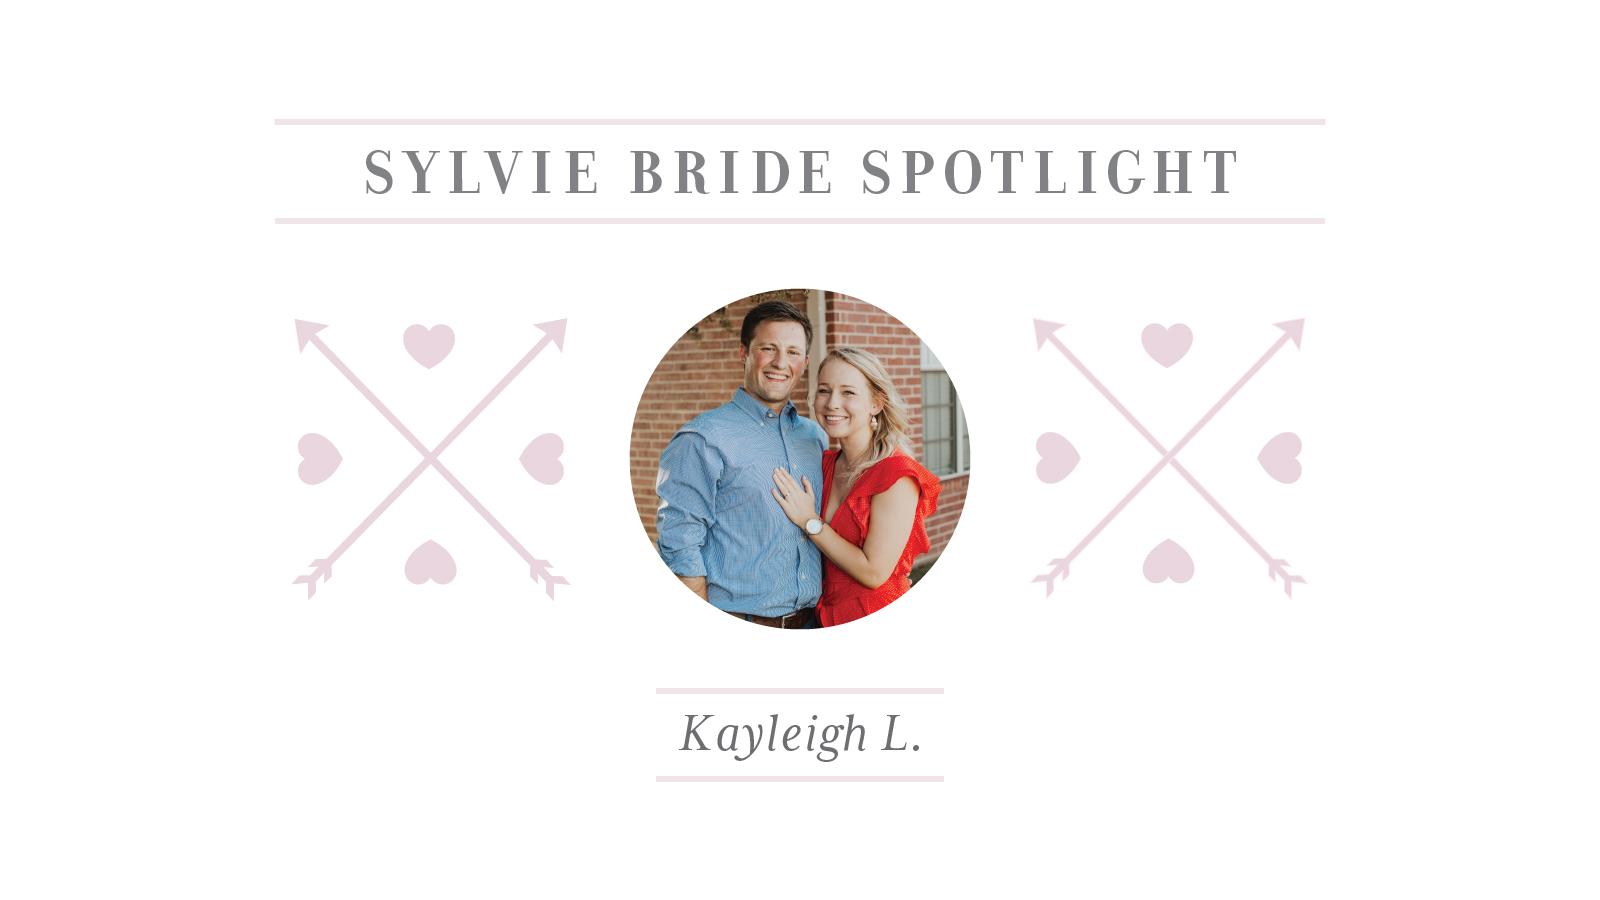 Sylvie Bride Spotlight - KayleighL